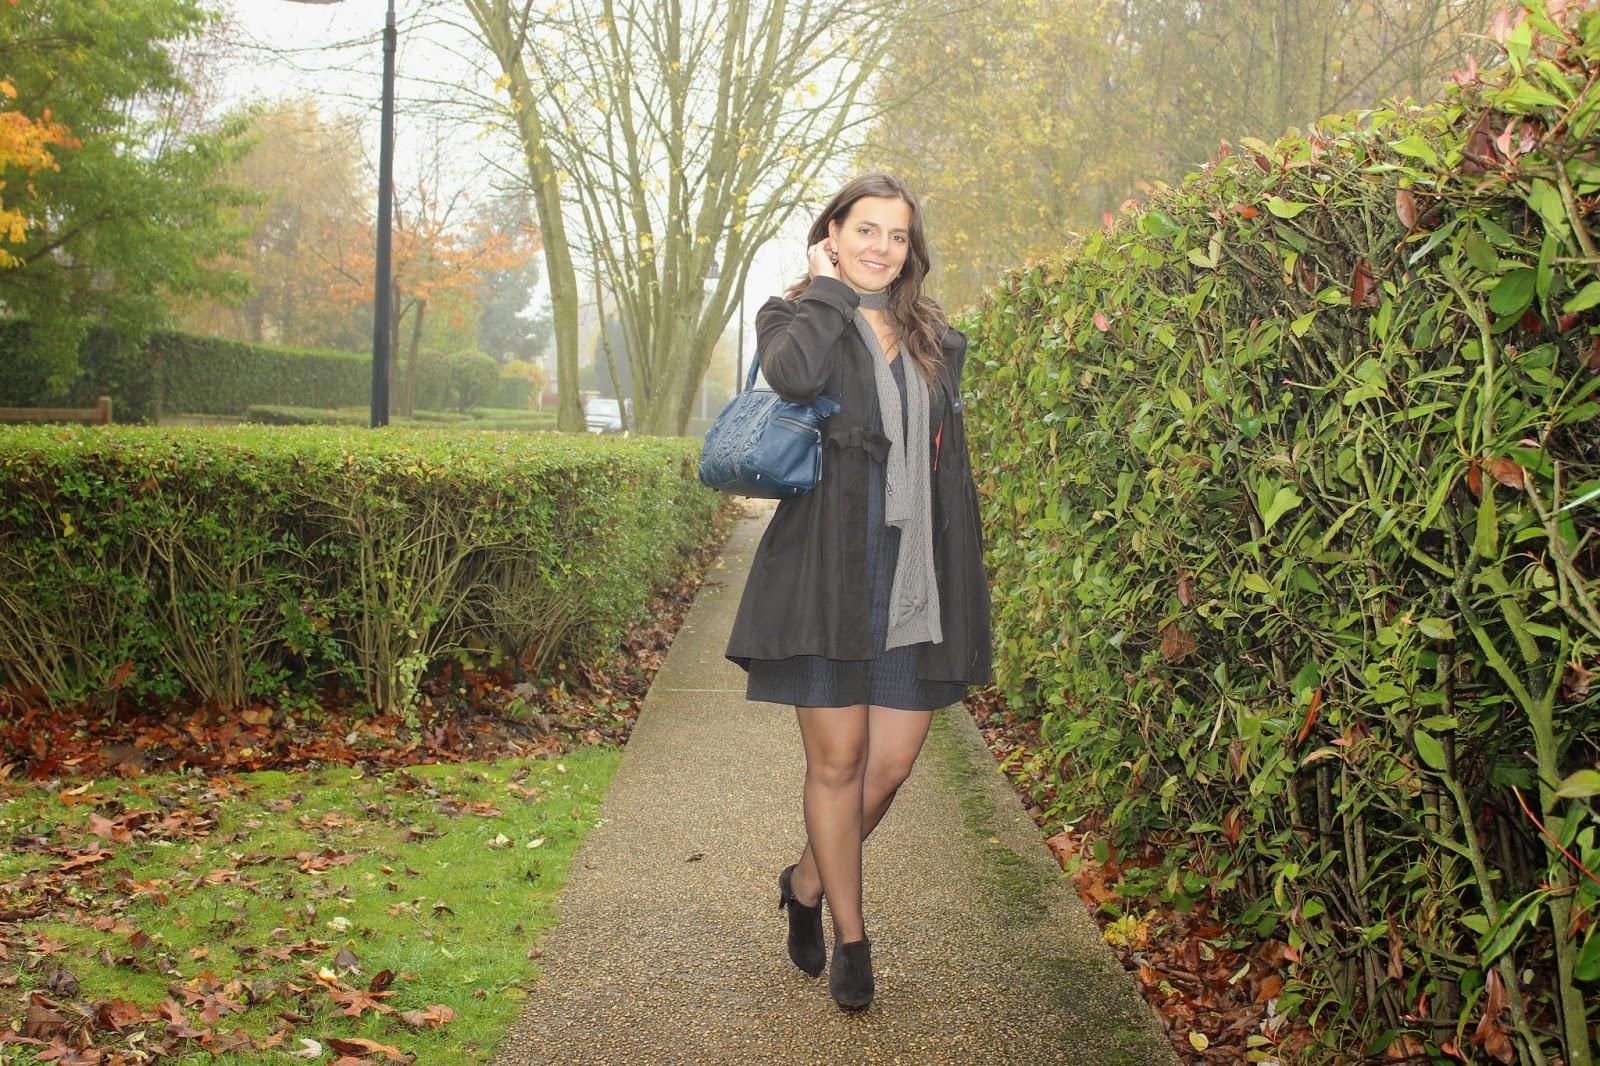 robe matelassée Naf Naf, low boots naf naf